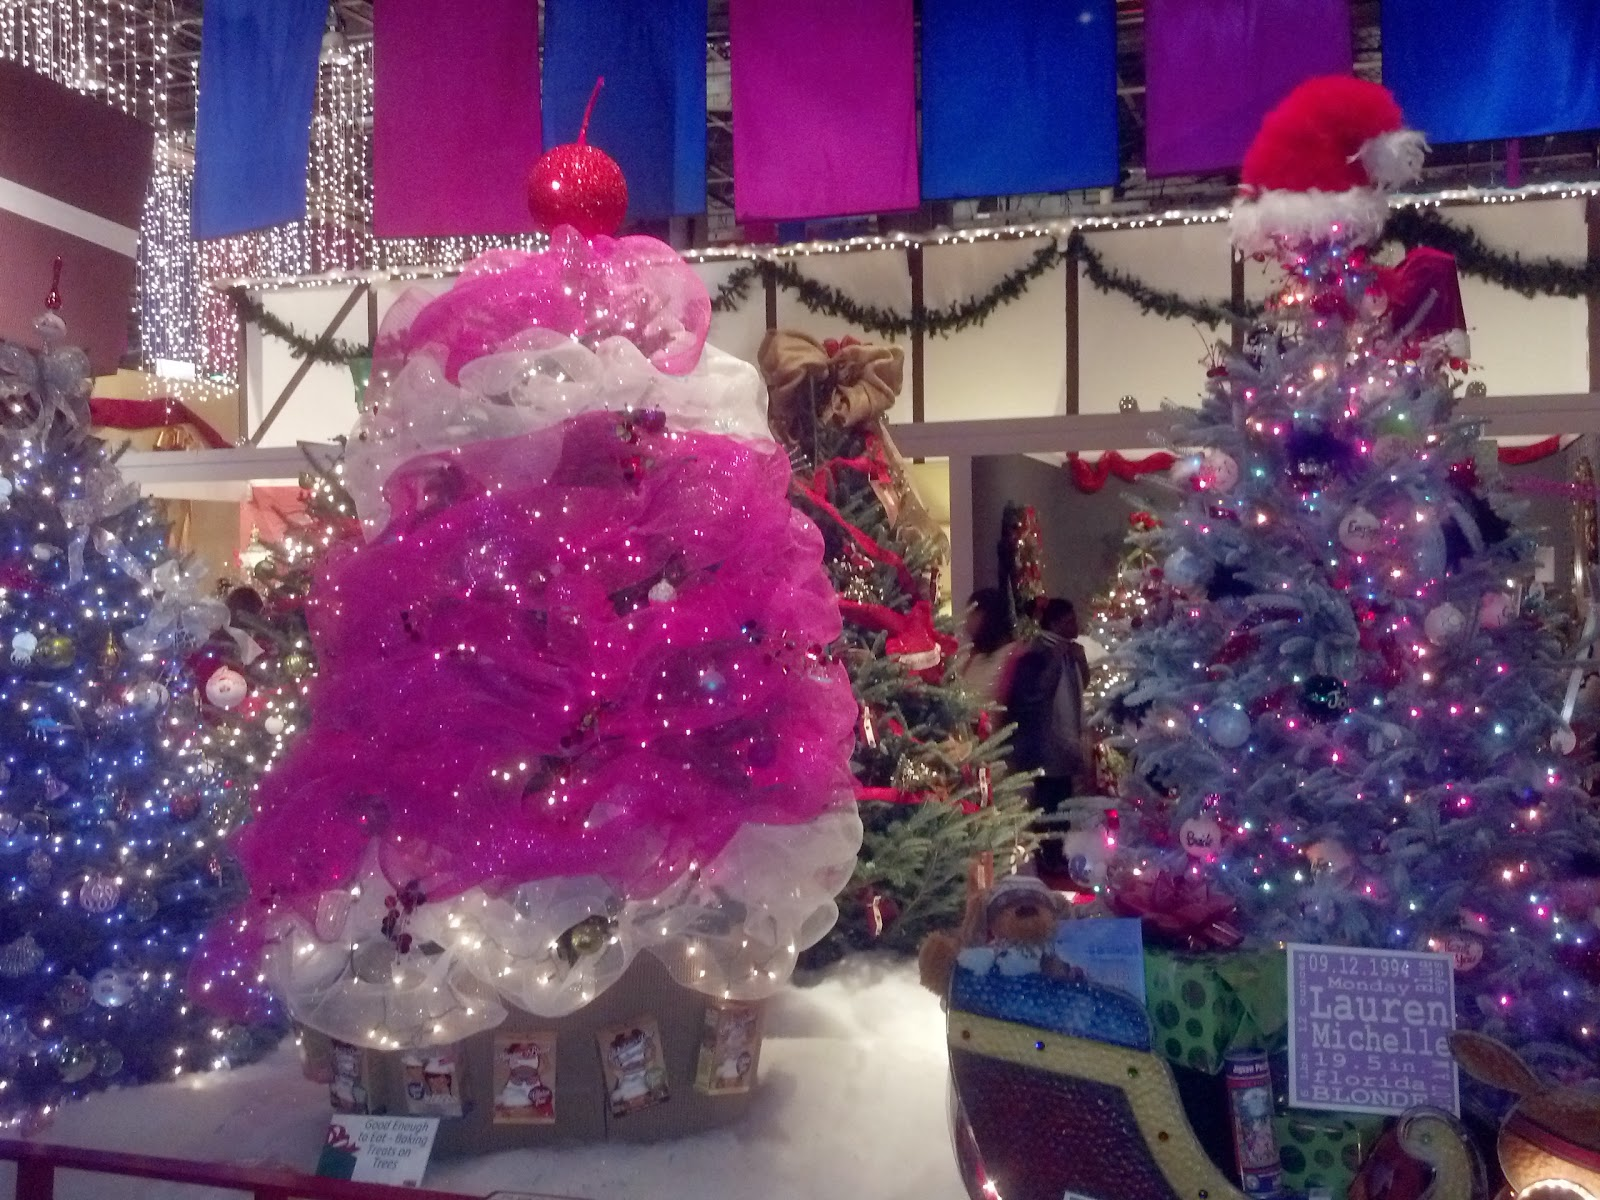 southern christmas show 2013 charlotte nc